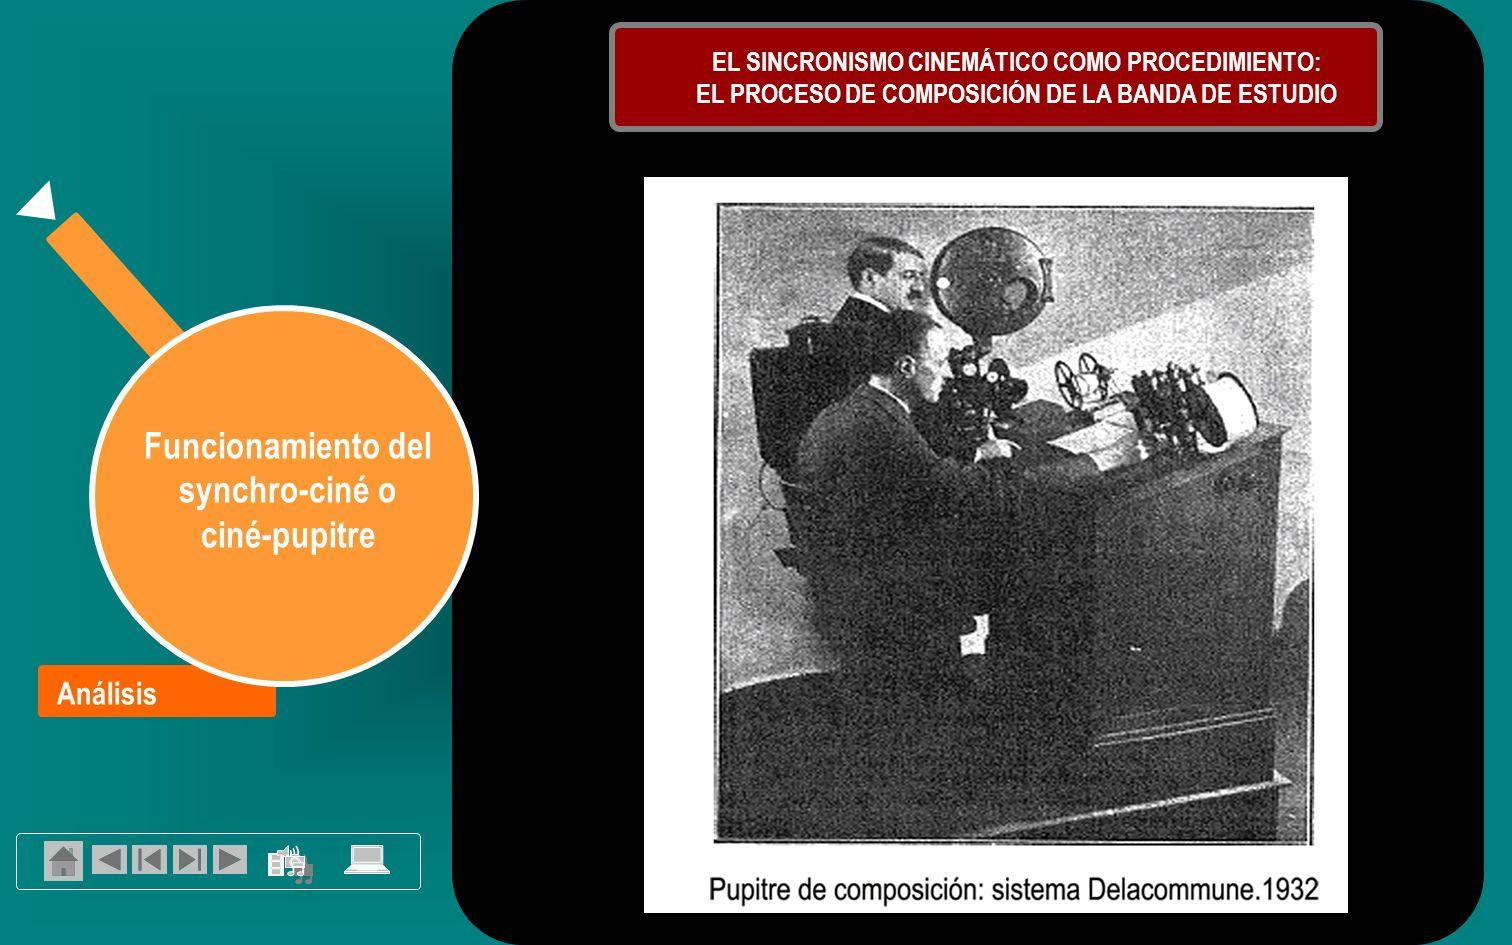 Funcionamiento del synchro-ciné o ciné-pupitre